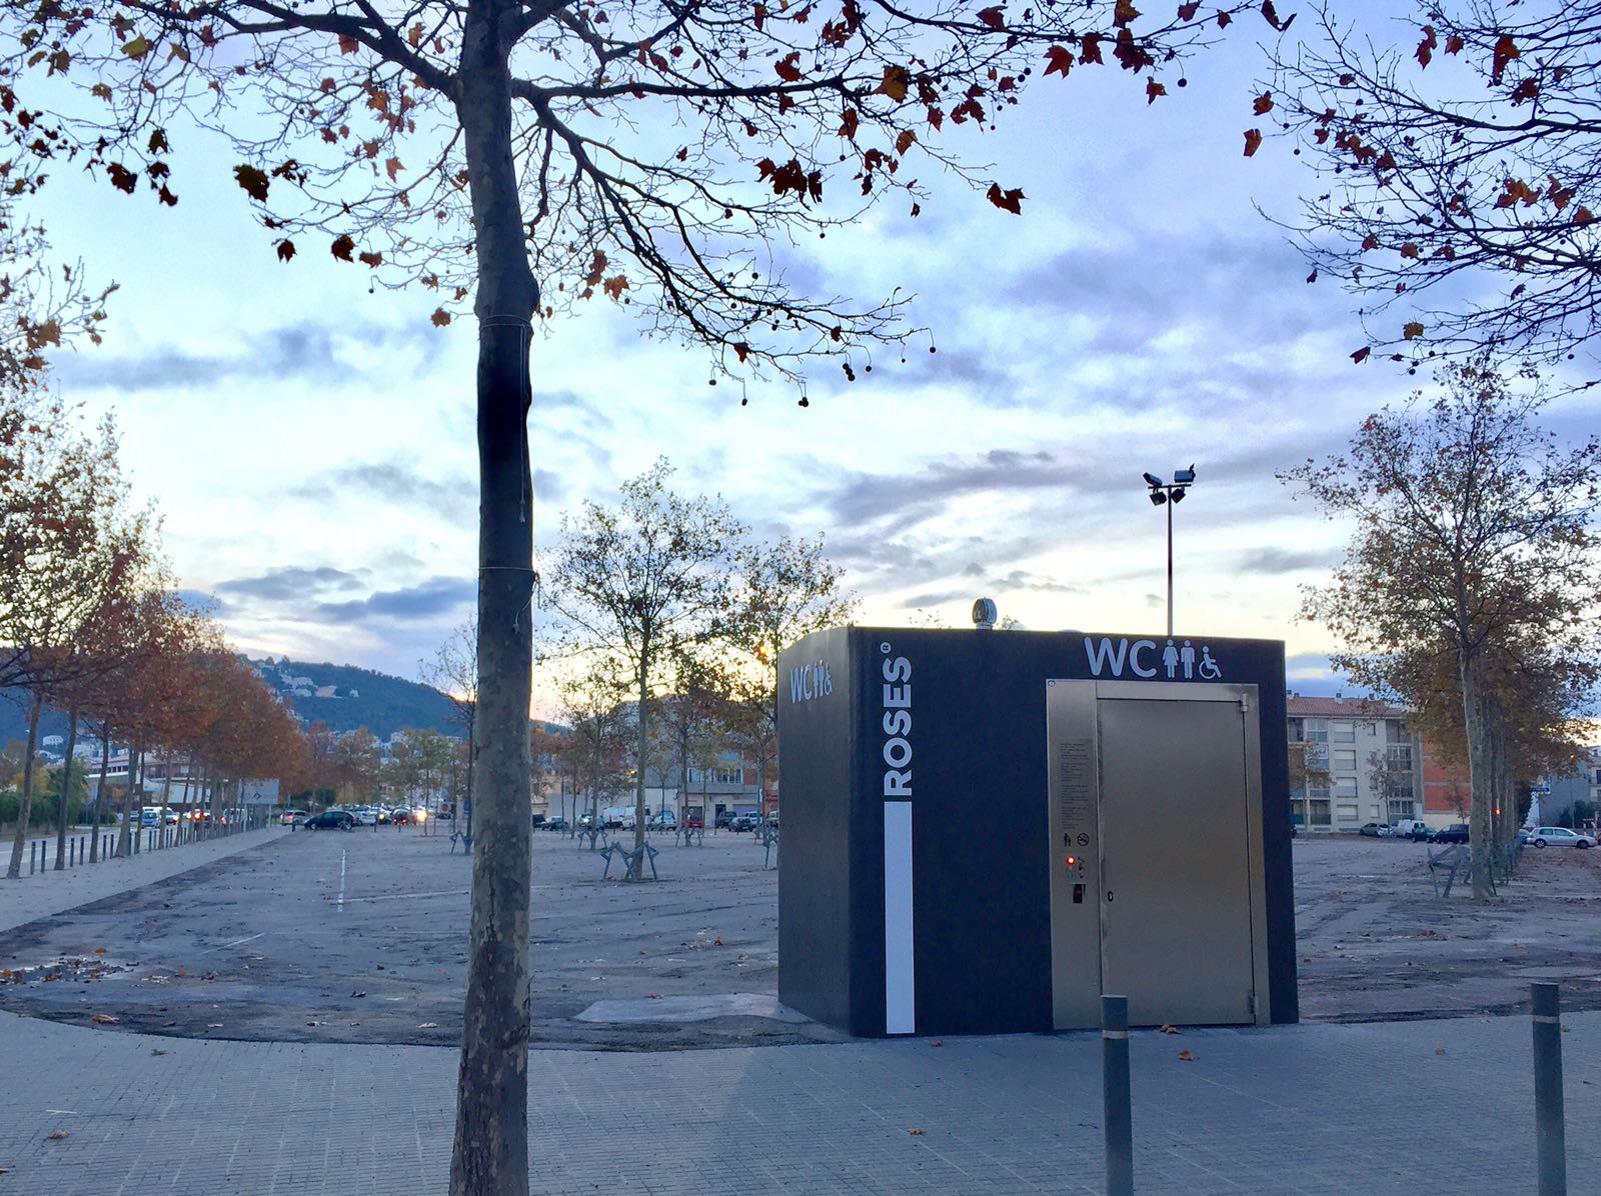 Roses instal·la 3 nous mòduls de wc a la Riera Ginjolers, Port Esportiu i àrea del mercat setmanal